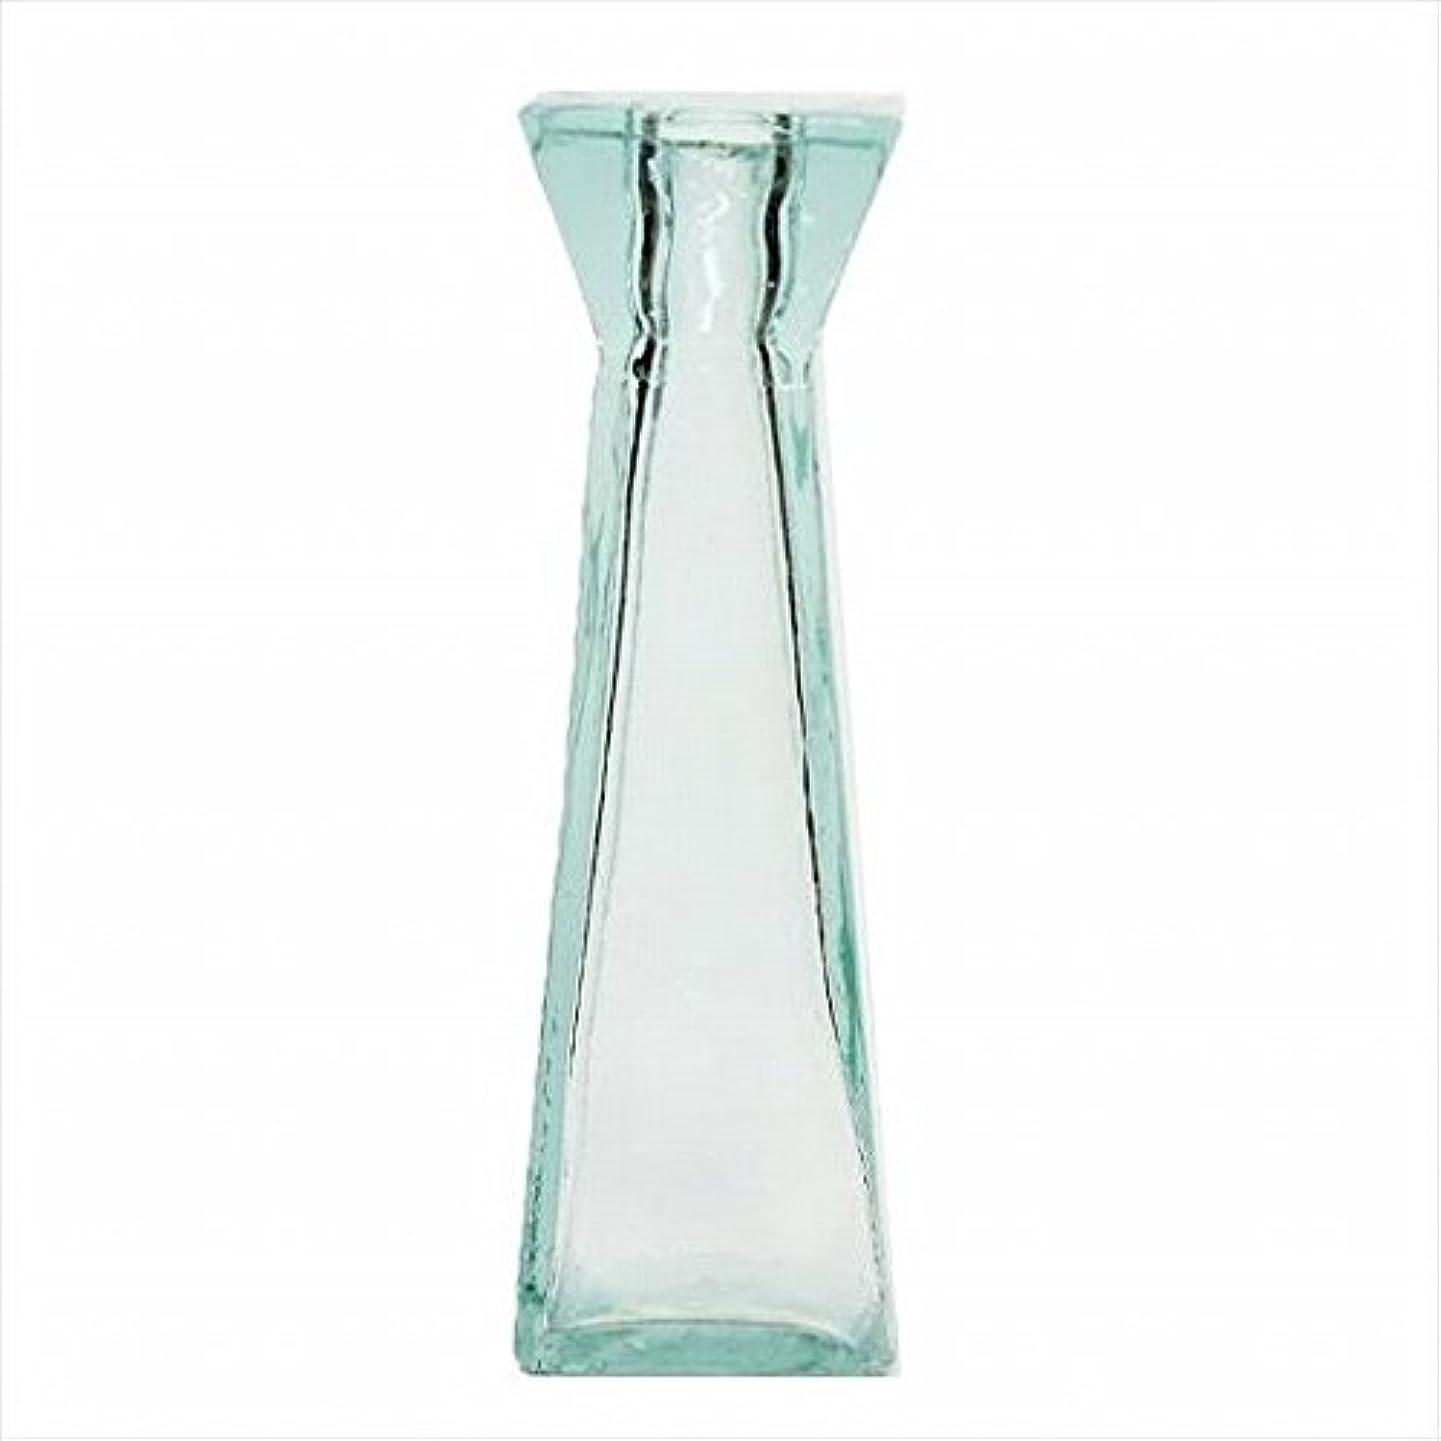 教科書風感度kameyama candle(カメヤマキャンドル) オリオンS キャンドル 45x45x150mm (J4010000)